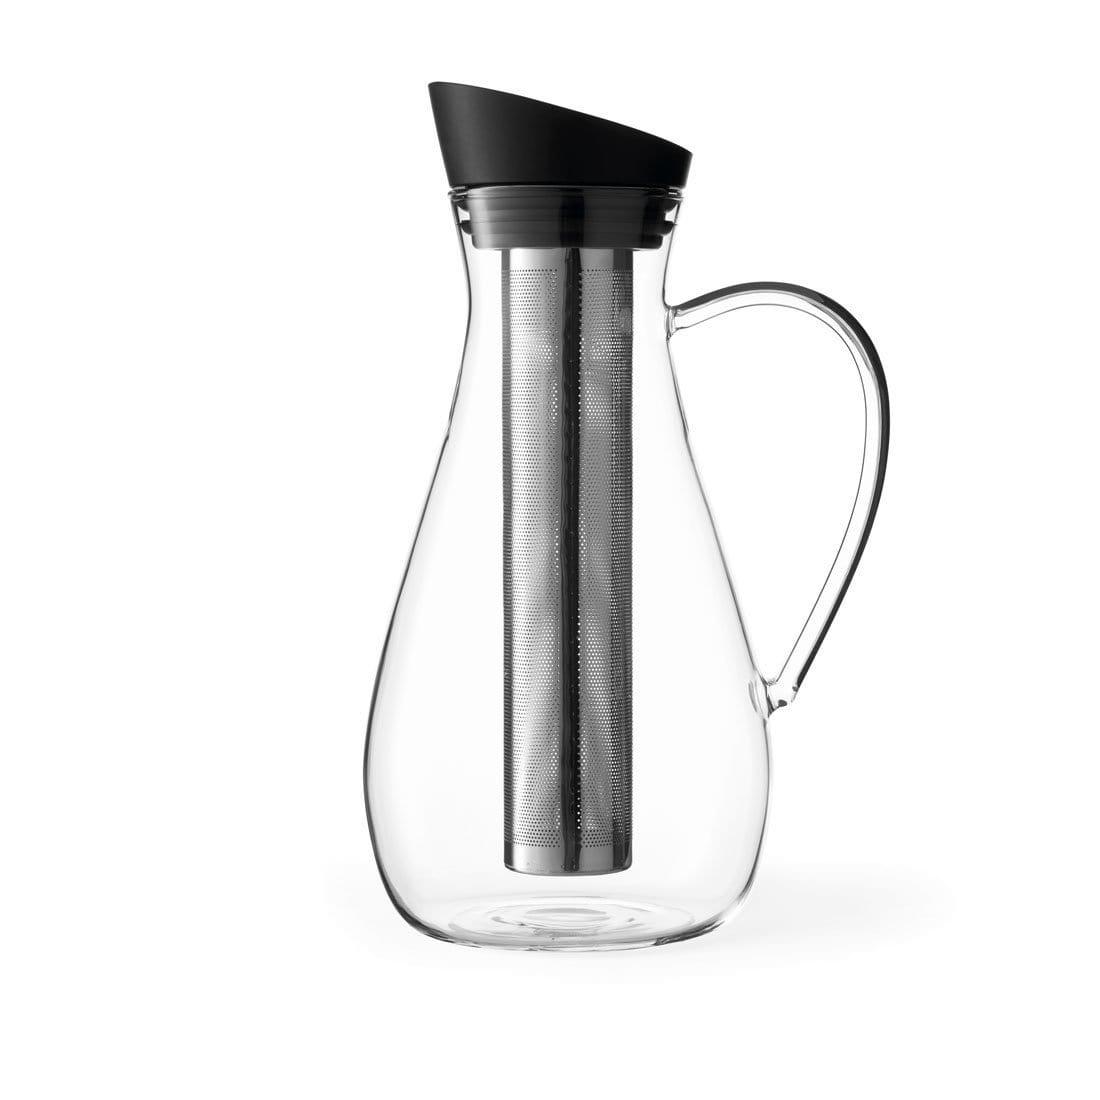 Pichet à thé glacé Viva™ 1,4L